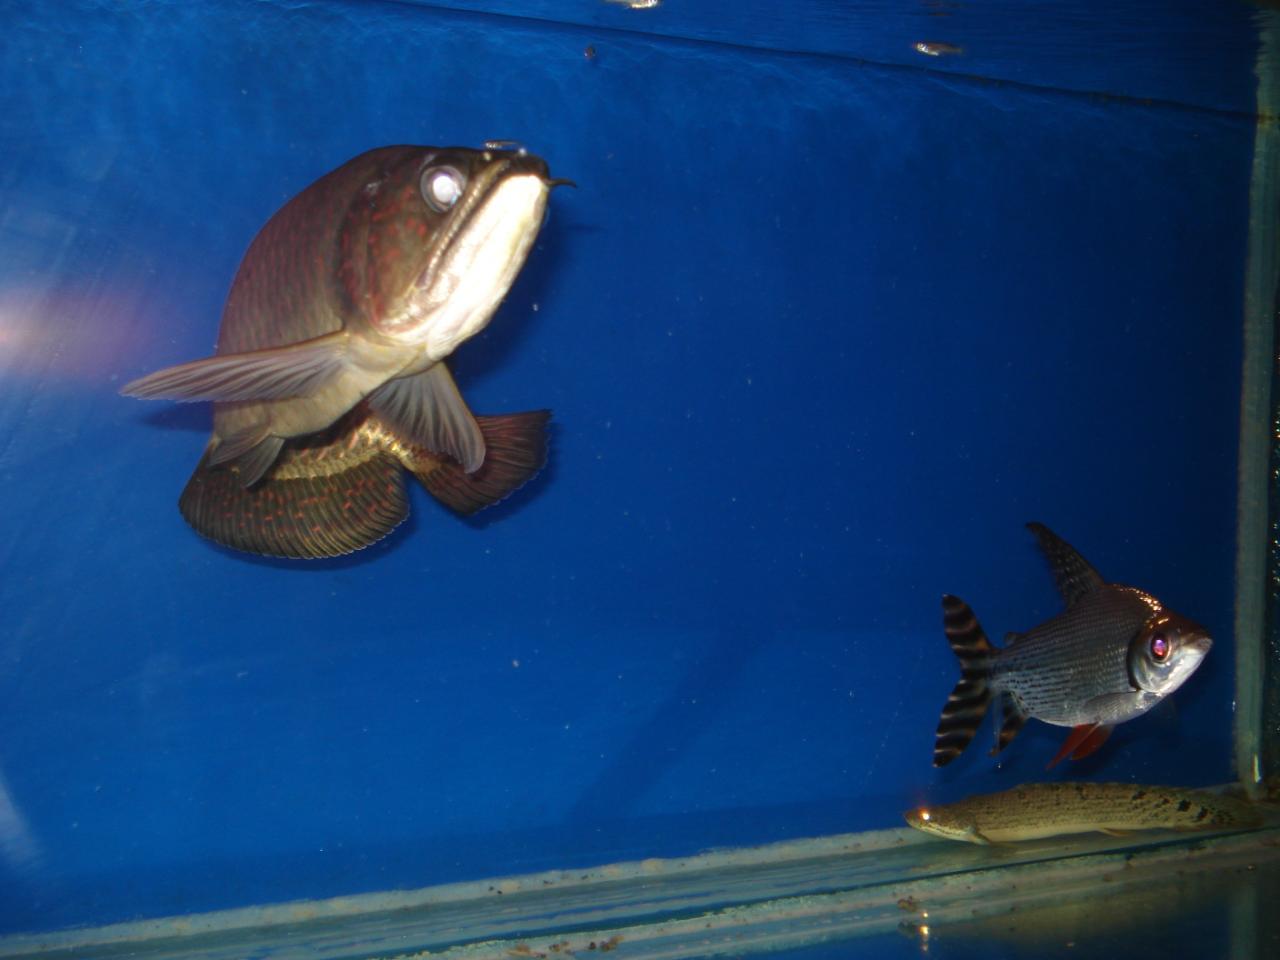 龙虎凤鱼_我的双层鱼缸(更新)【观赏鱼吧】_百度贴吧